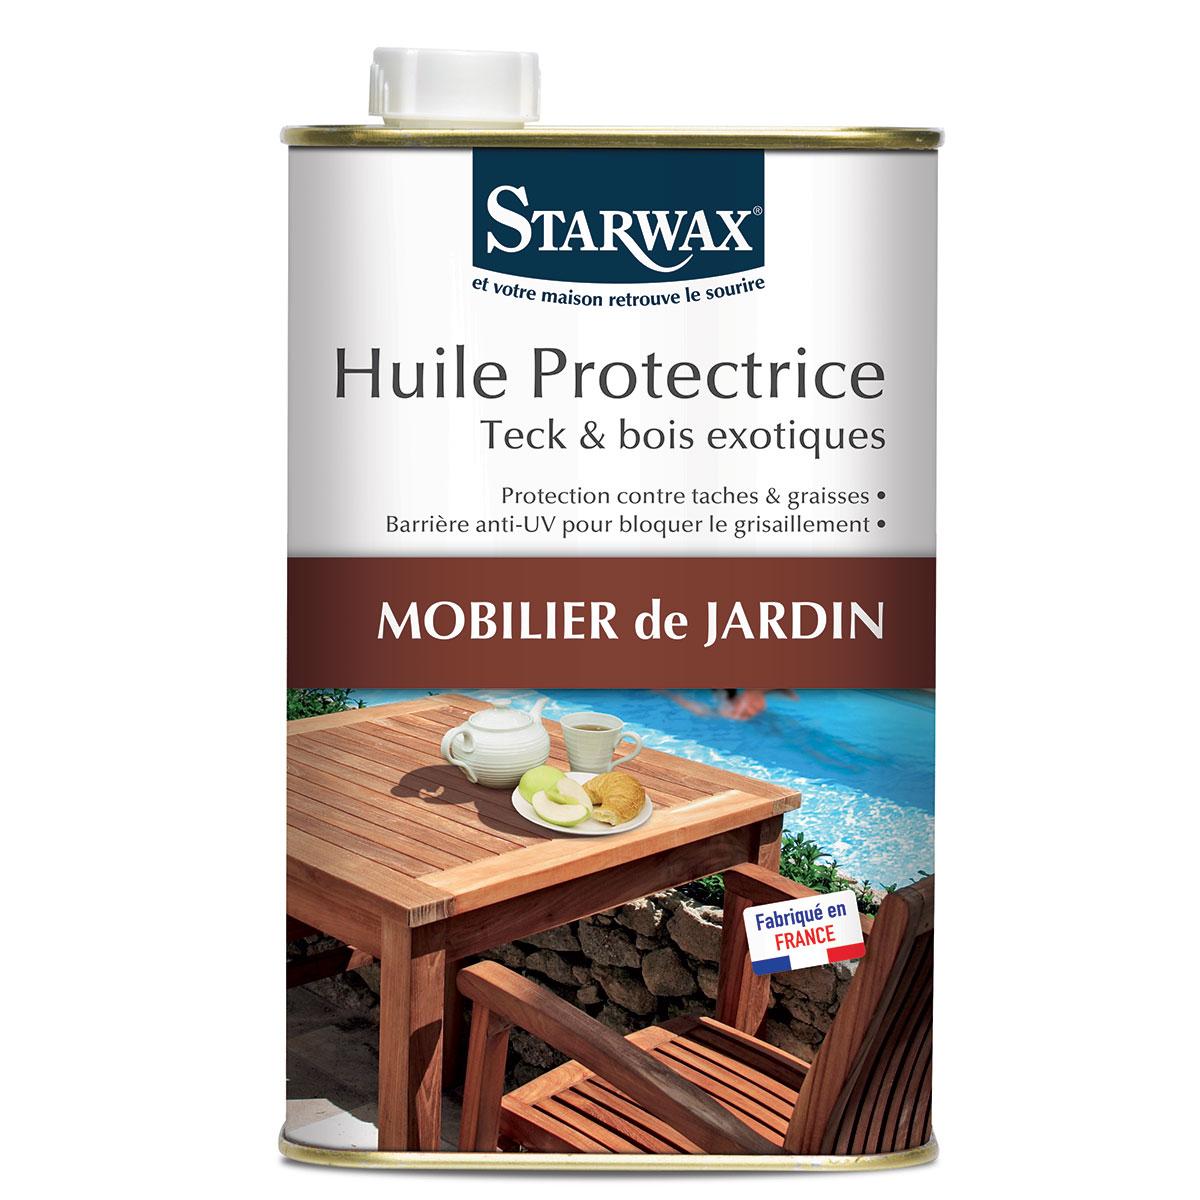 Huile protectrice pour mobilier de jardin en teck et bois exotique - Starwax